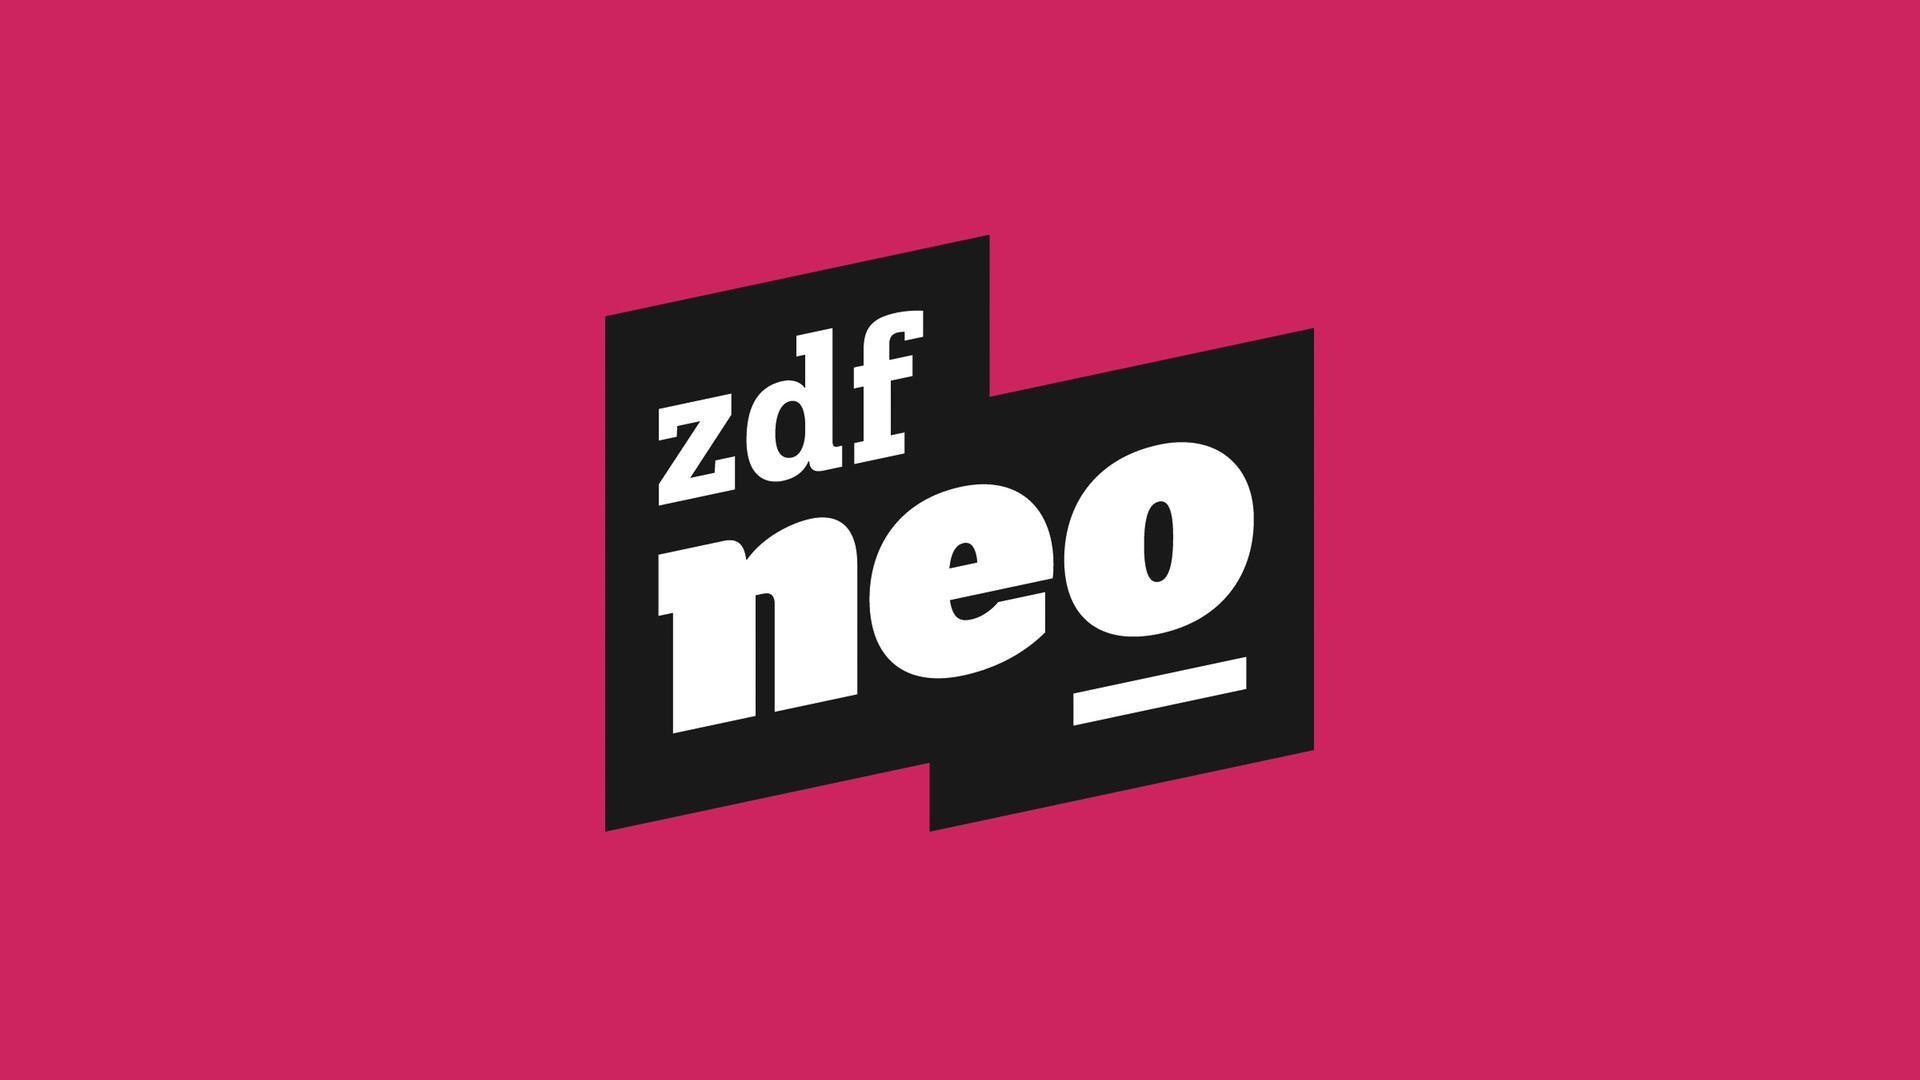 Zdf Live